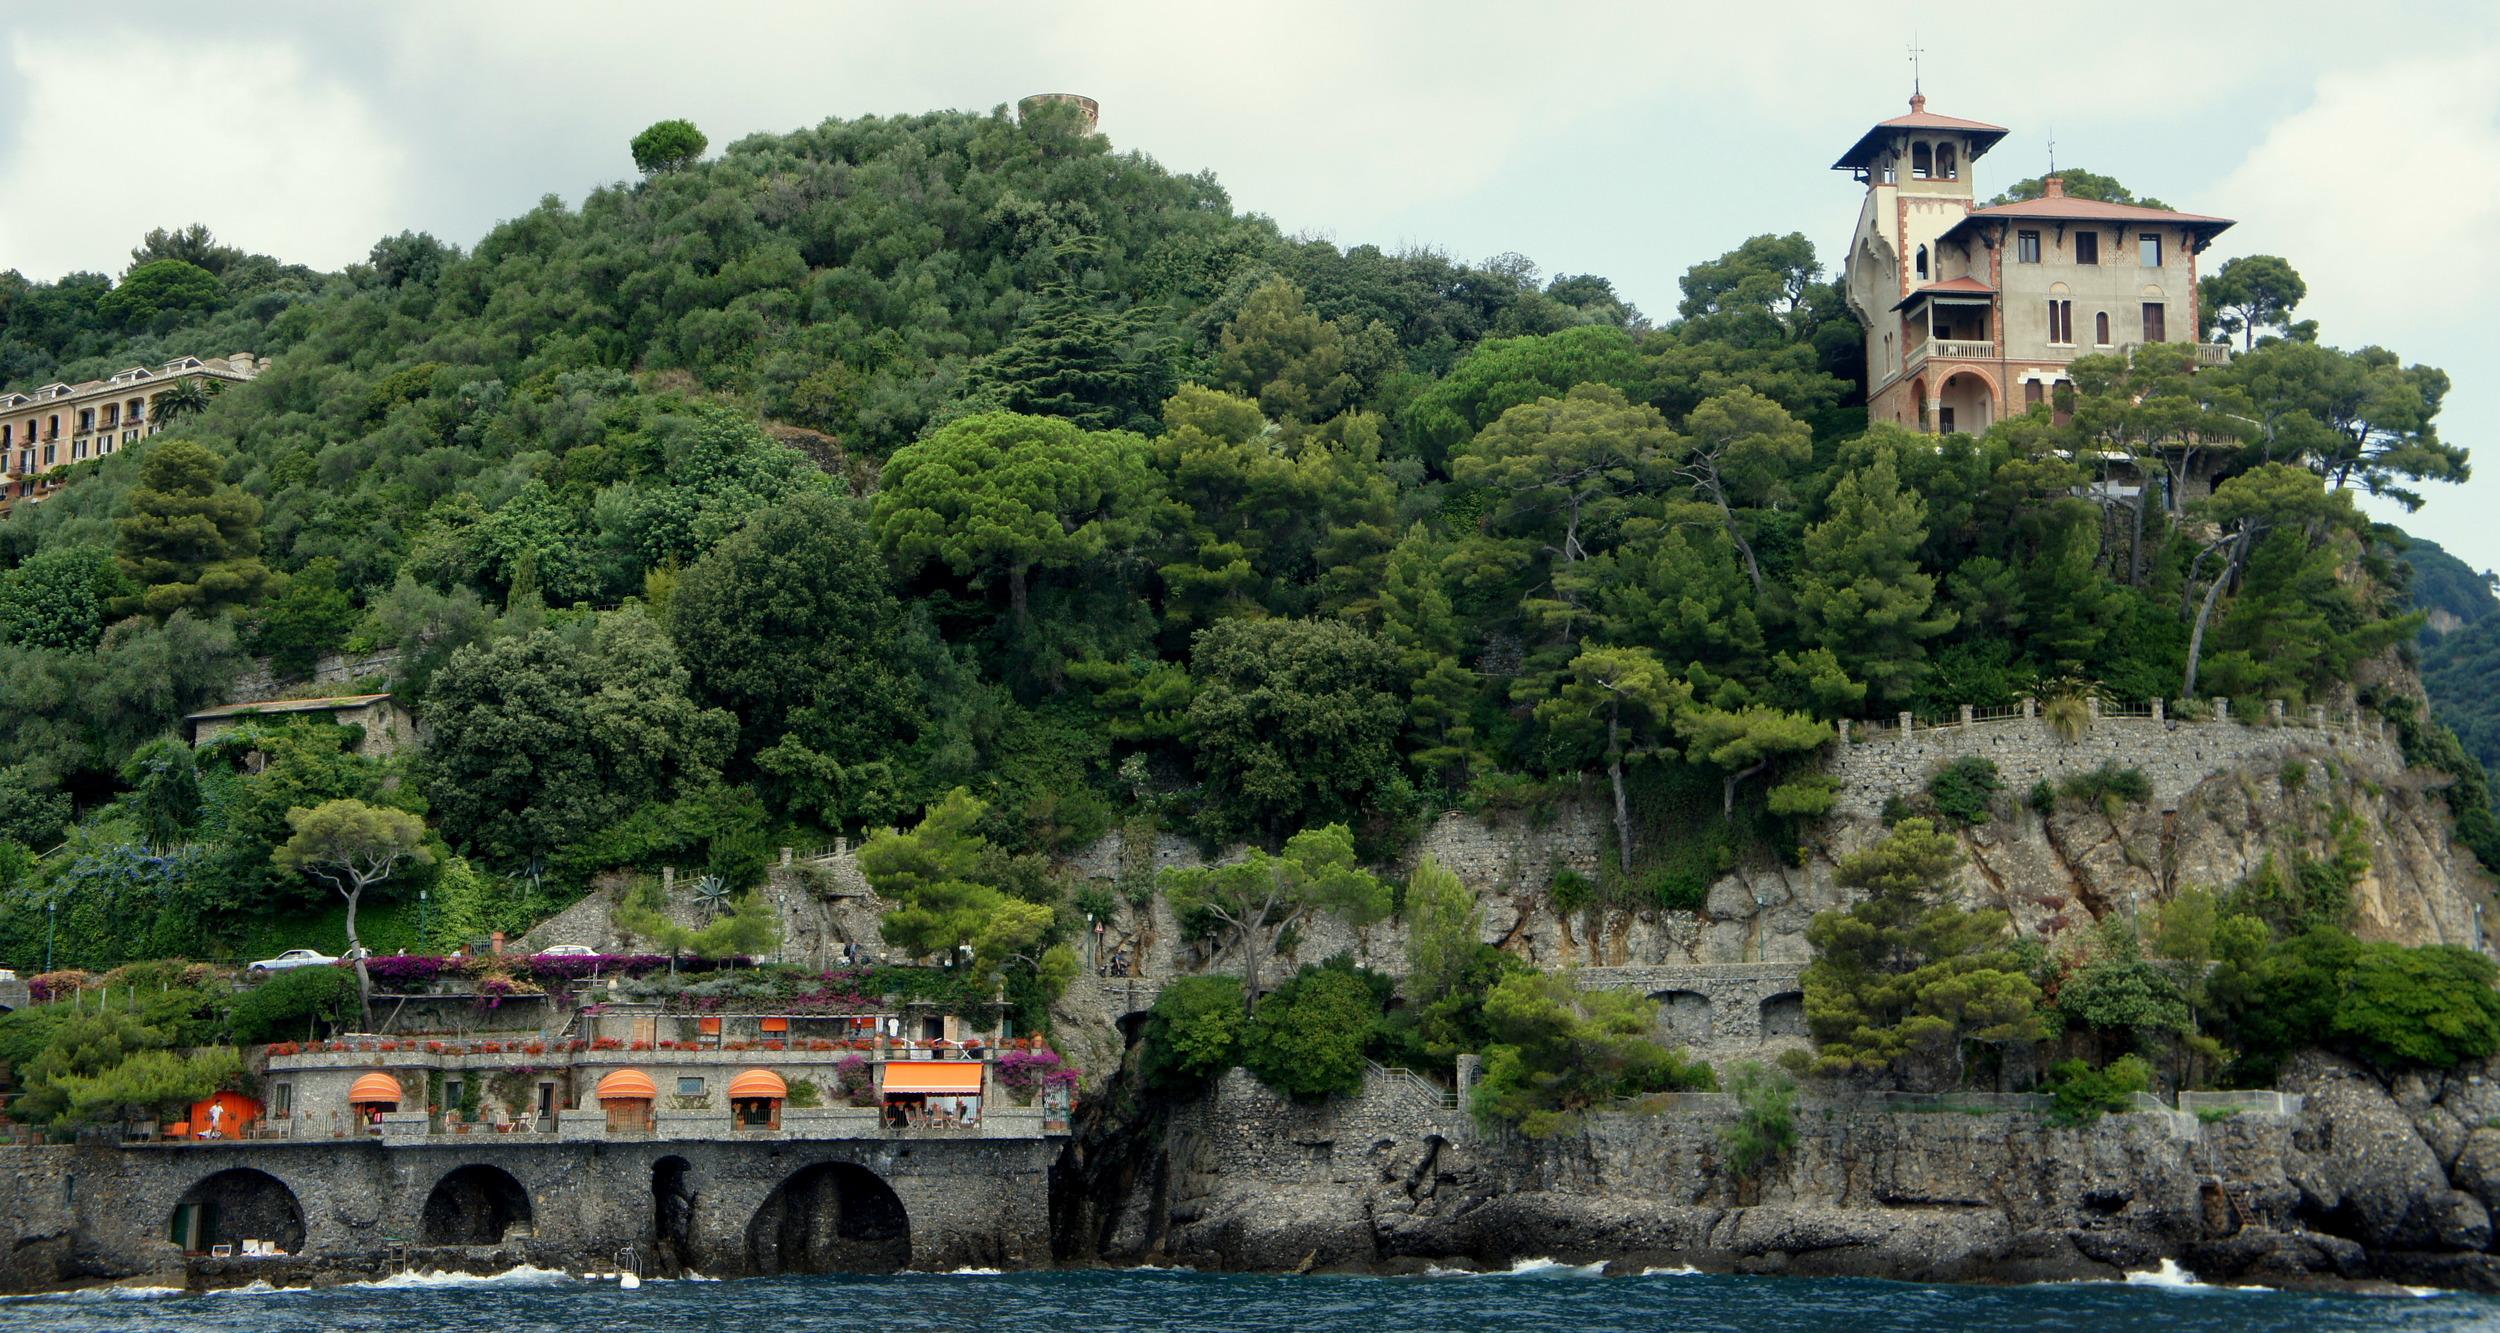 Ferry ride, Liguria